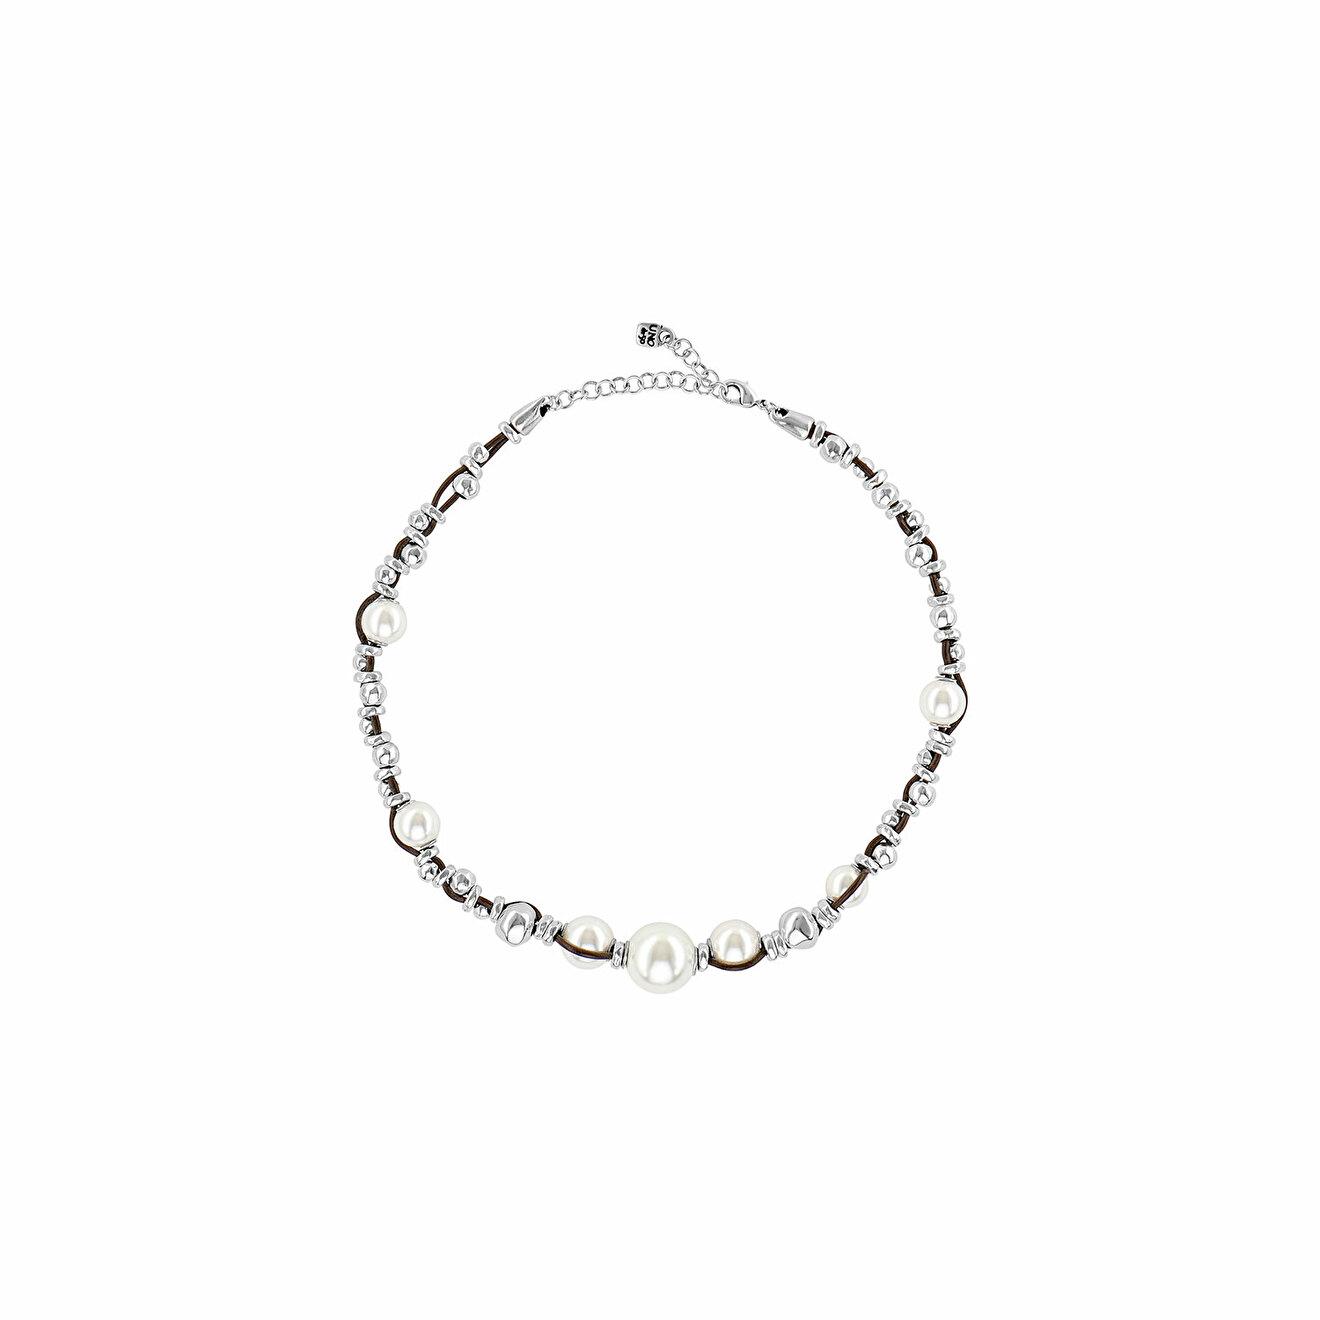 Unode50 Покрытое серебром ожерелье с подвесками и синтетическим жемчугом Flighty unode50 покрытое серебром короткое ожерелье с подвесками и синтетическим жемчугом moody